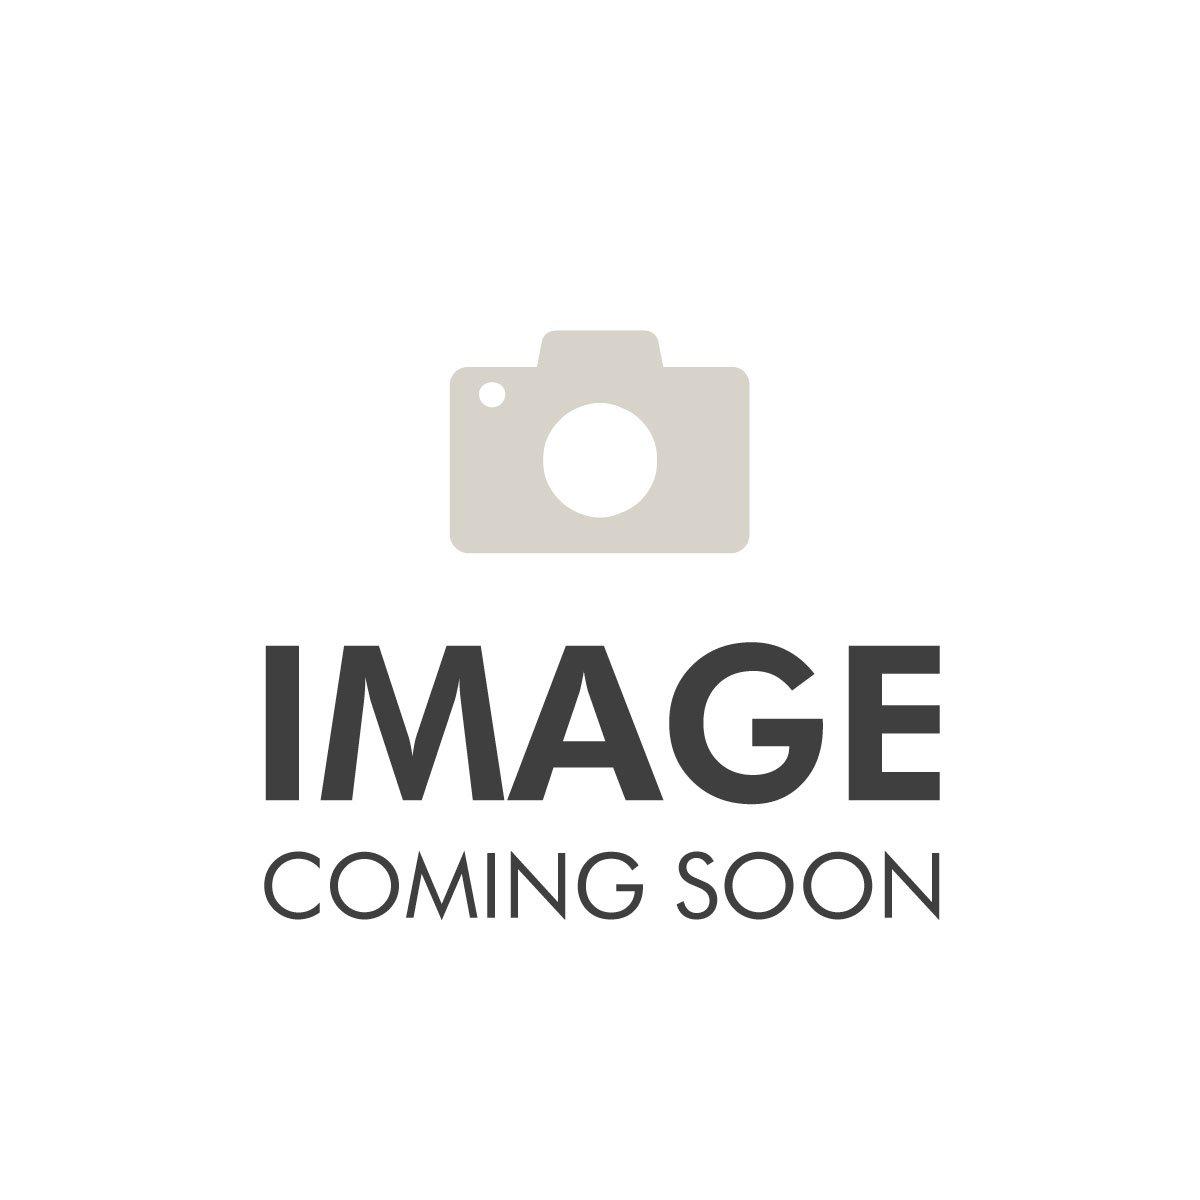 Schermasport - Epee Pommel - Large